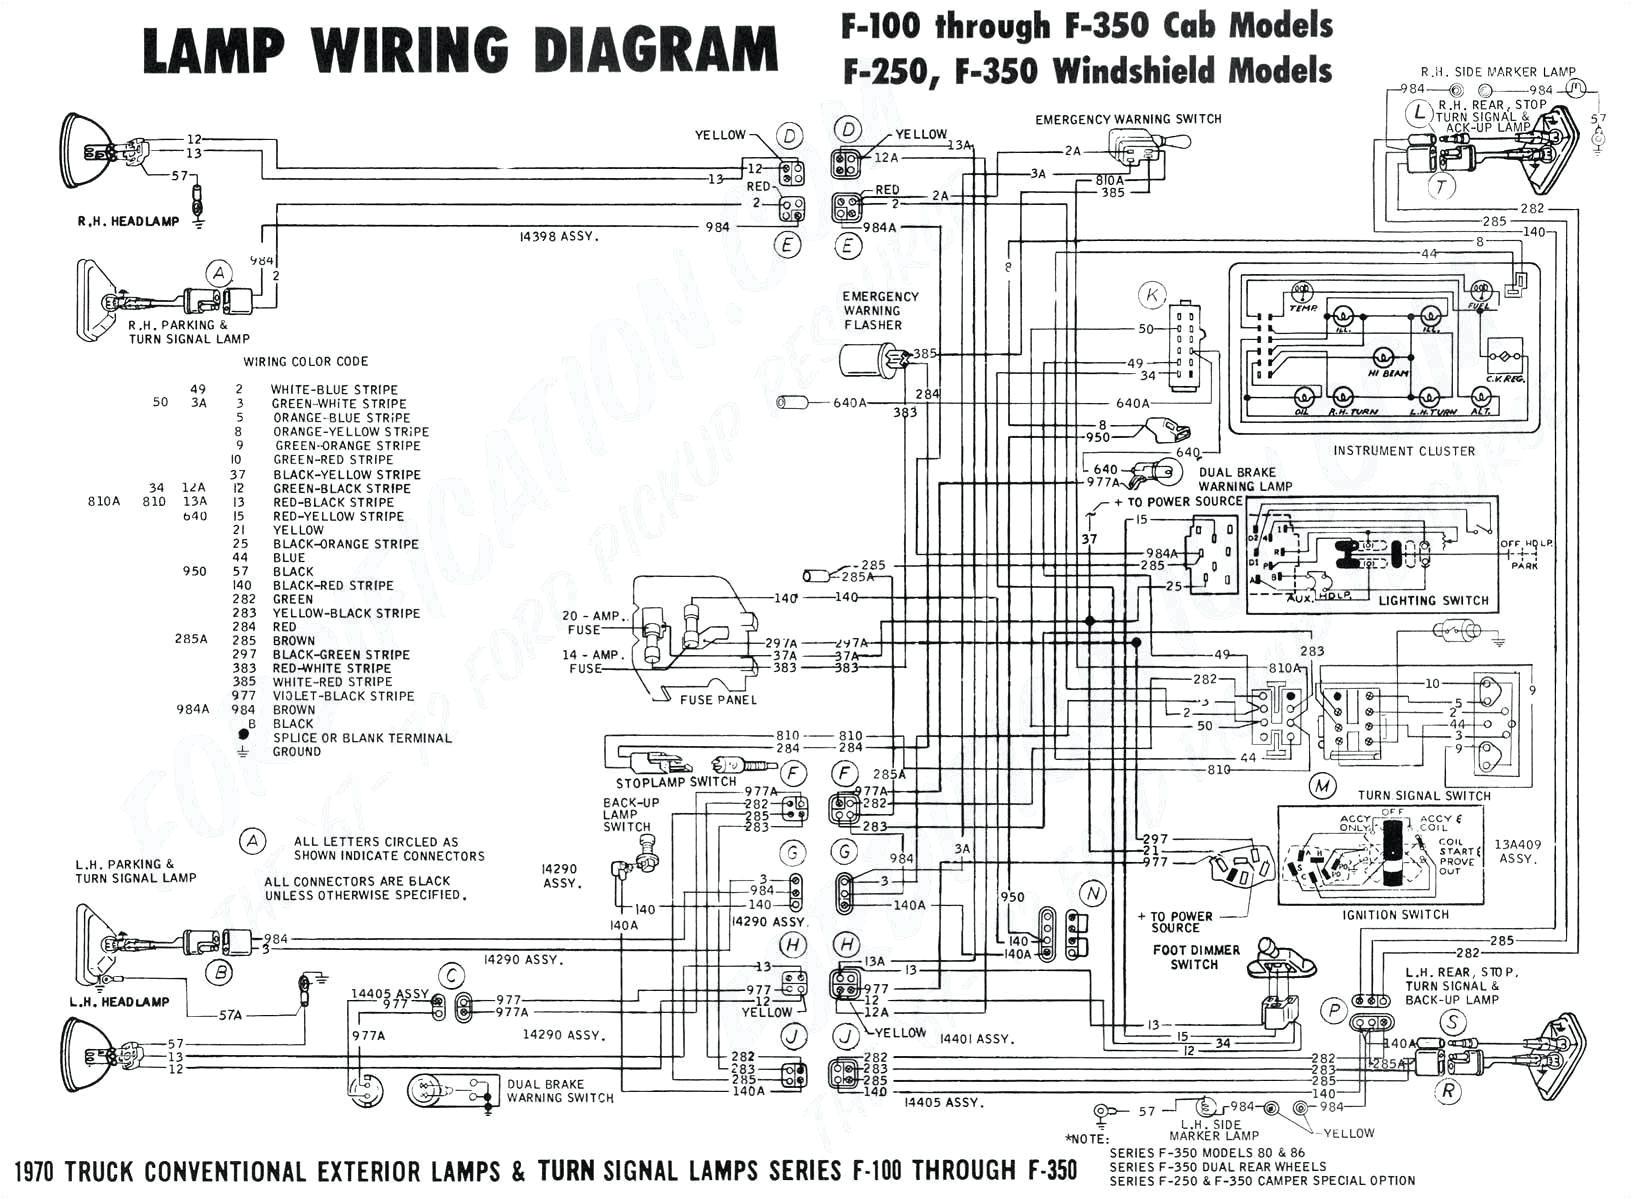 1939 dlc wiring diagram blog wiring diagram 1929 chrysler wiring diagram 1939 chrysler wiring diagram